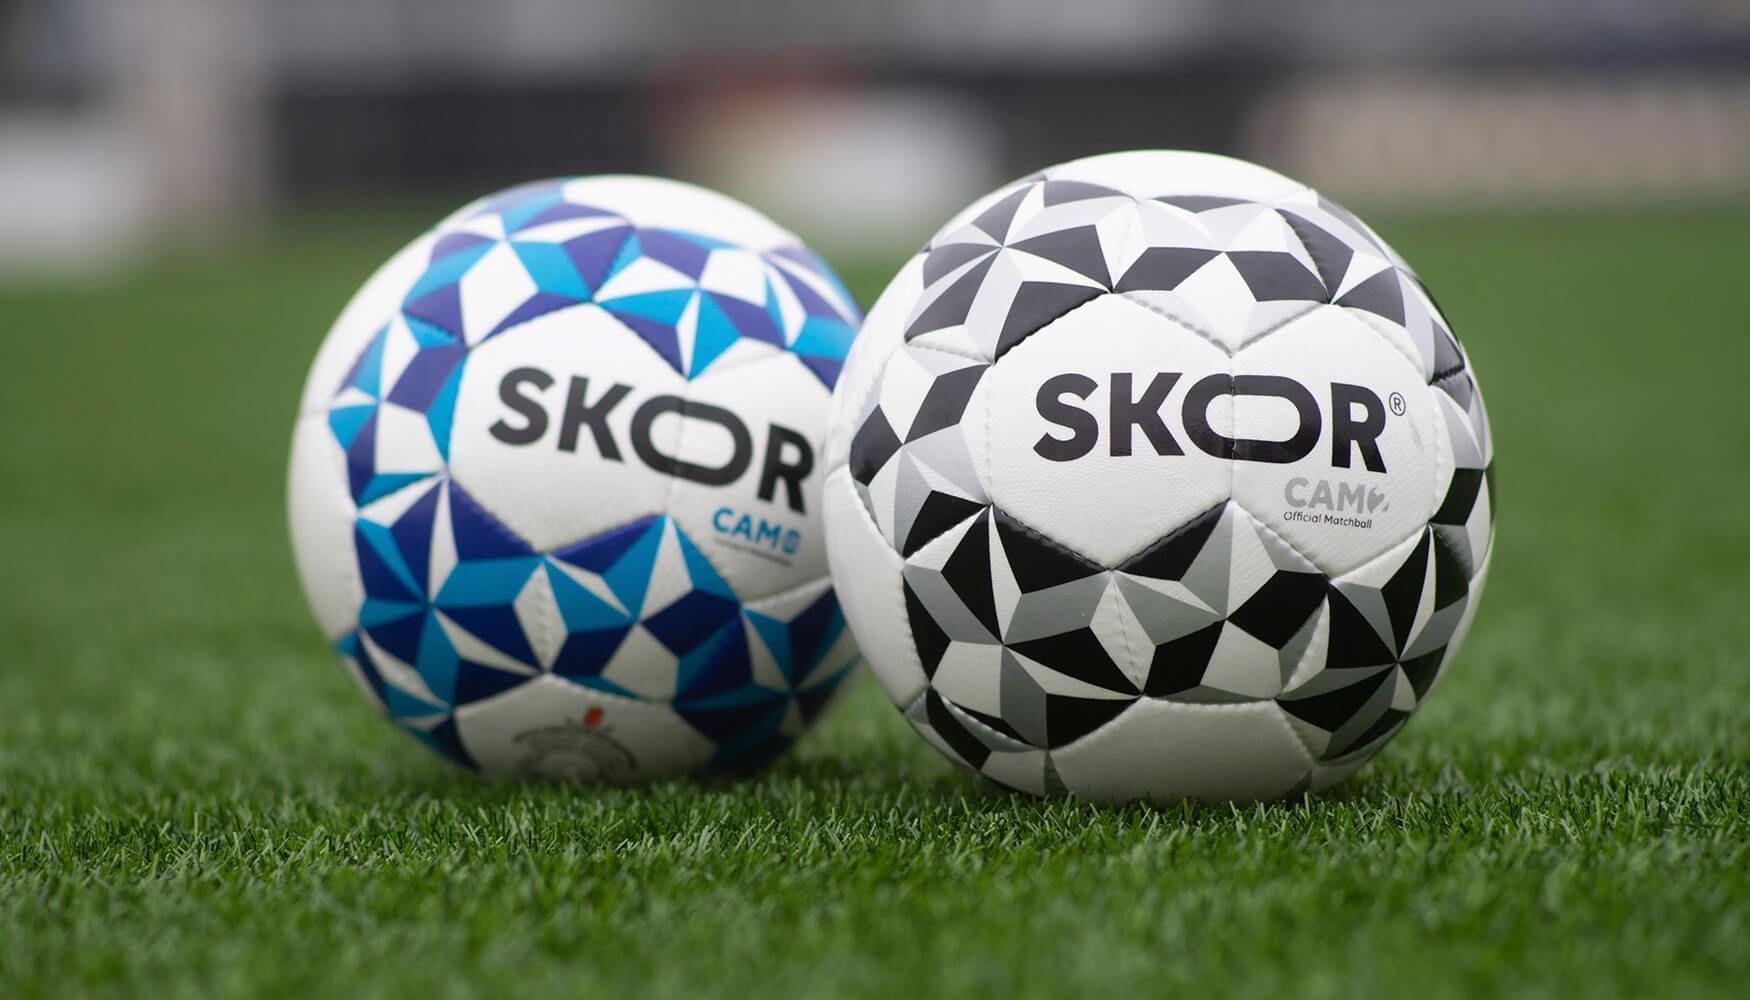 Hoe een testset voetballen Haarlem-Kennemerland fan maakte van SKOR!